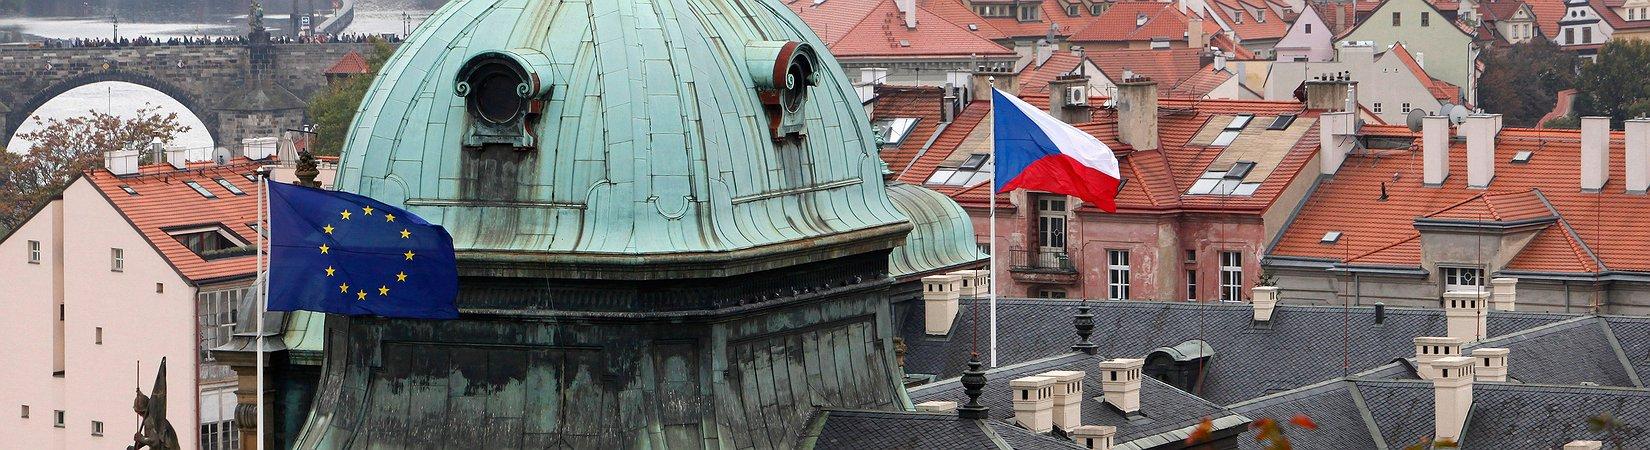 Das tschechische Investorenparadies